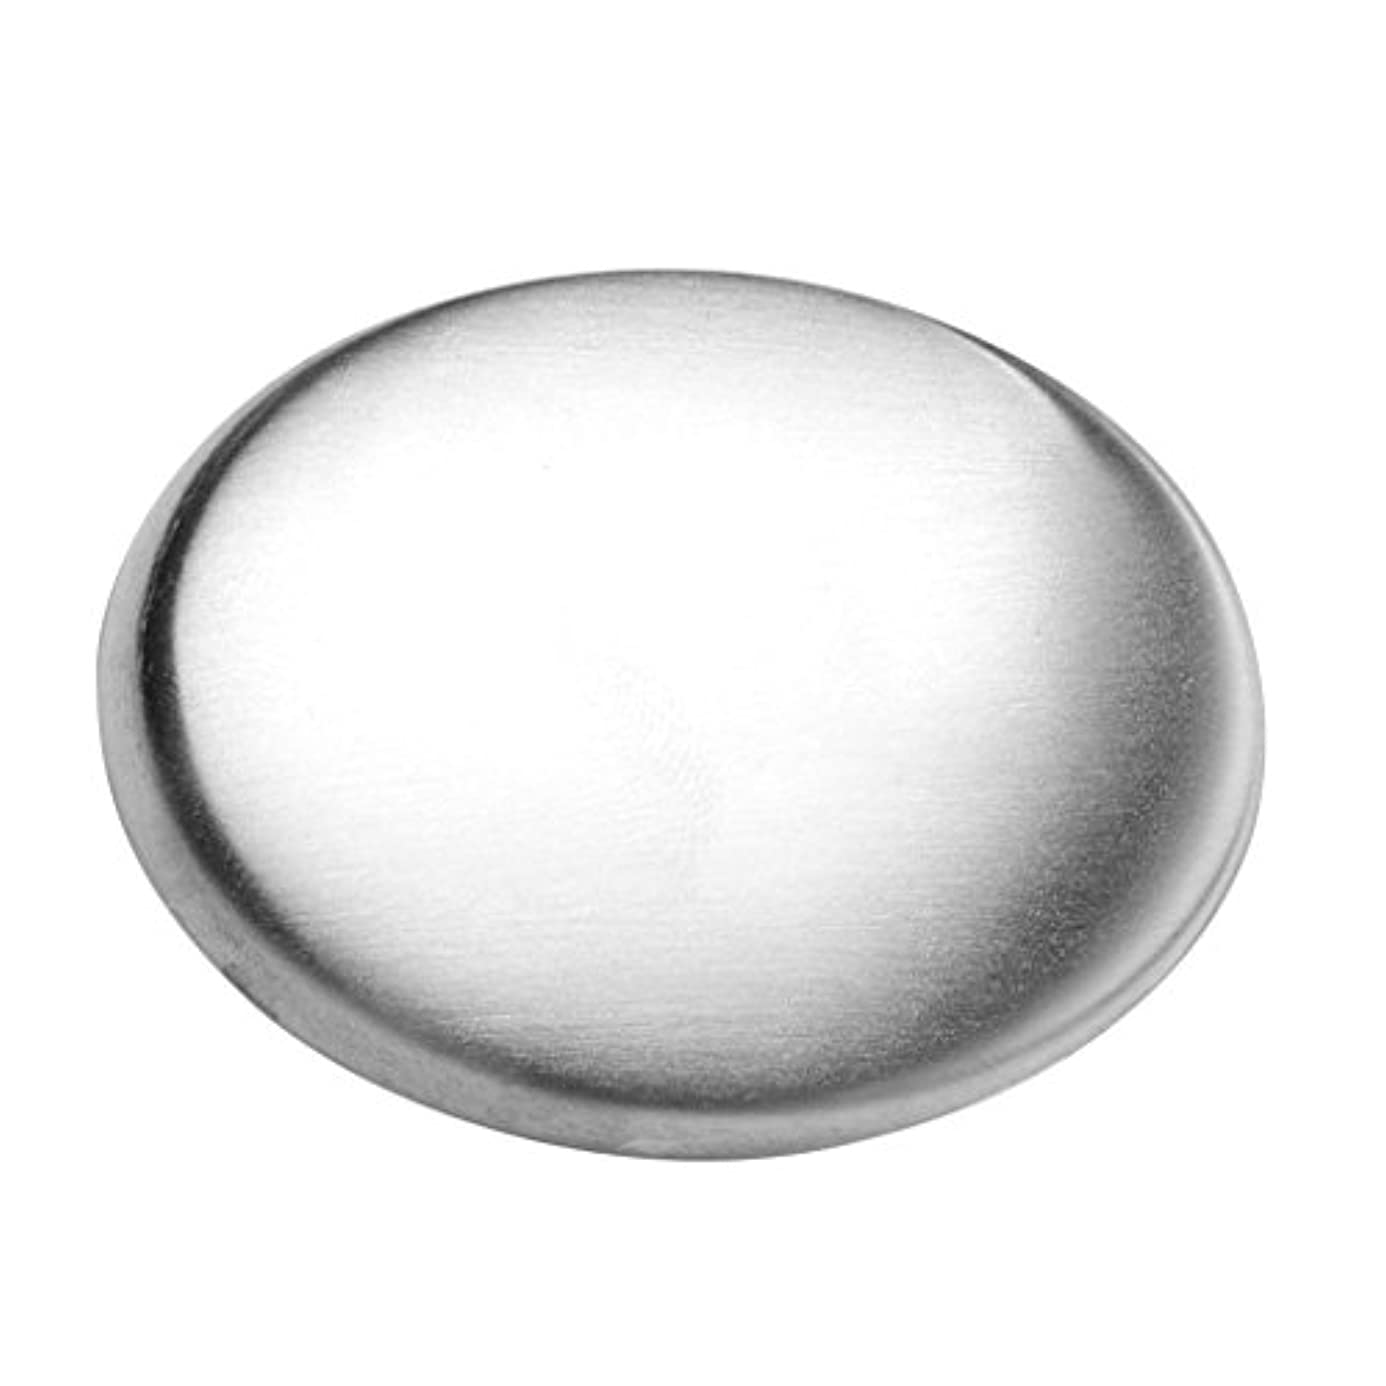 レプリカジェームズダイソン遺産PETSOLA ステンレススチールソープ ステンレススチール石けん 臭気除去剤 キッチン バー 強い臭い対応